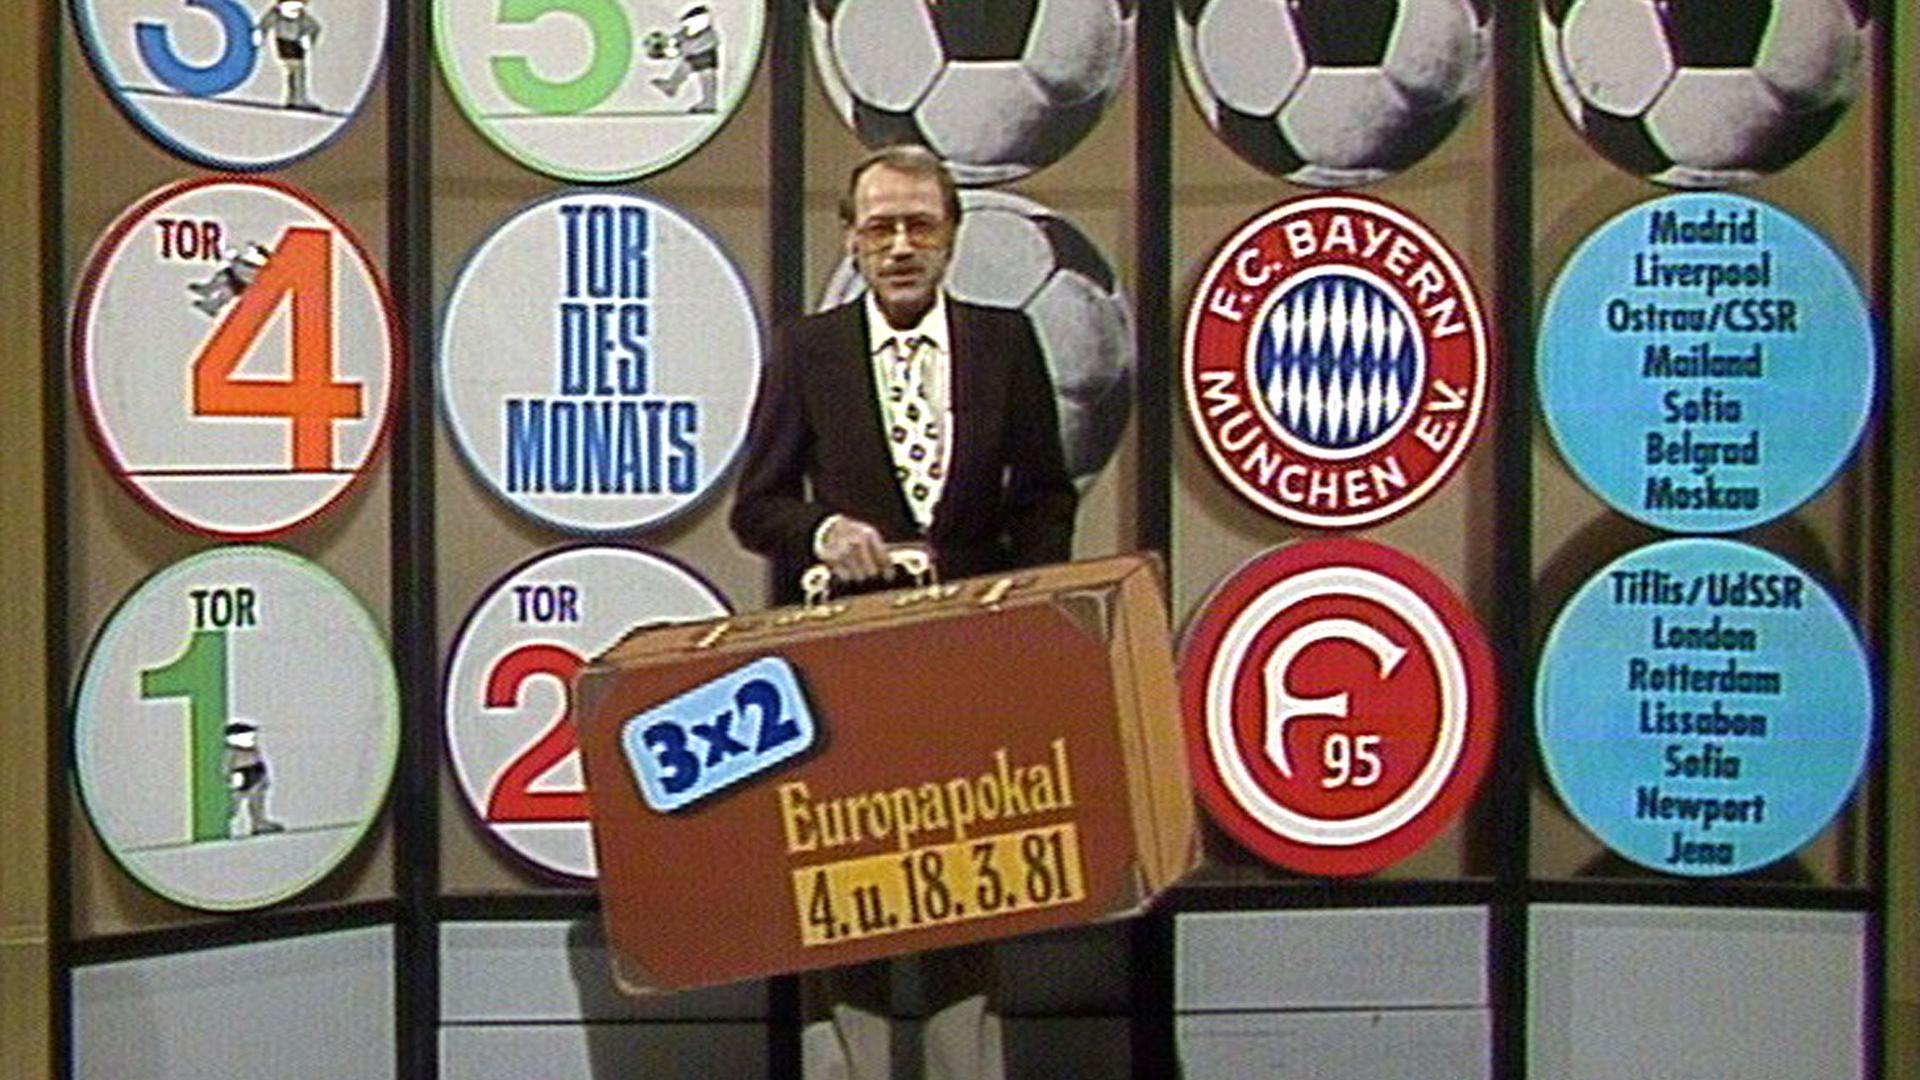 """ARD/WDR 50 JAHRE SPORTSCHAU, am Samstag (08.01.11) um 18:00 Uhr im ERSTEN. Addi Furler, neben seinen Kollegen Ernst Huberty und Günther Siefarth Moderator der ersten Stunde, beschrieb seinen Job bei der ältesten Sport-Seriensendung im deutschen Fernsehen einst mit den Worten: """"Wer in der Sportschau auftreten durfte, war an der Sonne."""" Am 4. Juni 1961 ging die ARD-Sportschau erstmals auf Sendung und bewies auf Anhieb, dass sie das Zeug zum Klassiker hatte. Fußball spielte da noch keine große Rolle: Feldhandball, Leichtathletik, Schwimmen, Boxen, Querfeldein- und Seitenwagen-Rennen -  das war der Stoff aus dem die Sportschau der ersten Jahre war. Chefs der Sportschau waren Hugo Murero und Ernst Huberty, bevor 1982 Heribert Faßbender die Leitung der Sendung übernahm. Seit 2003 ist WDR-Sportchef Steffen Simon verantwortlicher Redaktionsleiter. Die anhaltende Beliebtheit der Sportschau beim Publikum erklärt er so: """"In all den Jahren haben sich die Verantwortlichen nie auf dem Erfolg ausgeruht. Auch heute ist es unser Anspruch, die beste Sportsendung im deutschen Fernsehen zu machen, in journalistischer wie in technischer Hinsicht, und das Woche für Woche. Das ist harte Arbeit, aber es zahlt sich aus."""" Zum 50-jährigen Jubiläum unternimmt das Erste heute eine filmische Reise durch ein halbes Jahrhundert deutscher Fernseh- und Sportgeschichte.  Addi Furler bei der Vorstellung des """"Tor des Monats"""". © WDR, honorarfrei - Verwendung gemäß der AGB im engen inhaltlichen, redaktionellen Zusammenhang mit genannter WDR-Sendung bei Nennung """"Bild: WDR"""" (S2). WDR-Pressestelle/Fotoredaktion, Köln, Tel: 0221/220 -2408 oder -4405, Fax: -8471, fotoredaktion@wdr.de"""